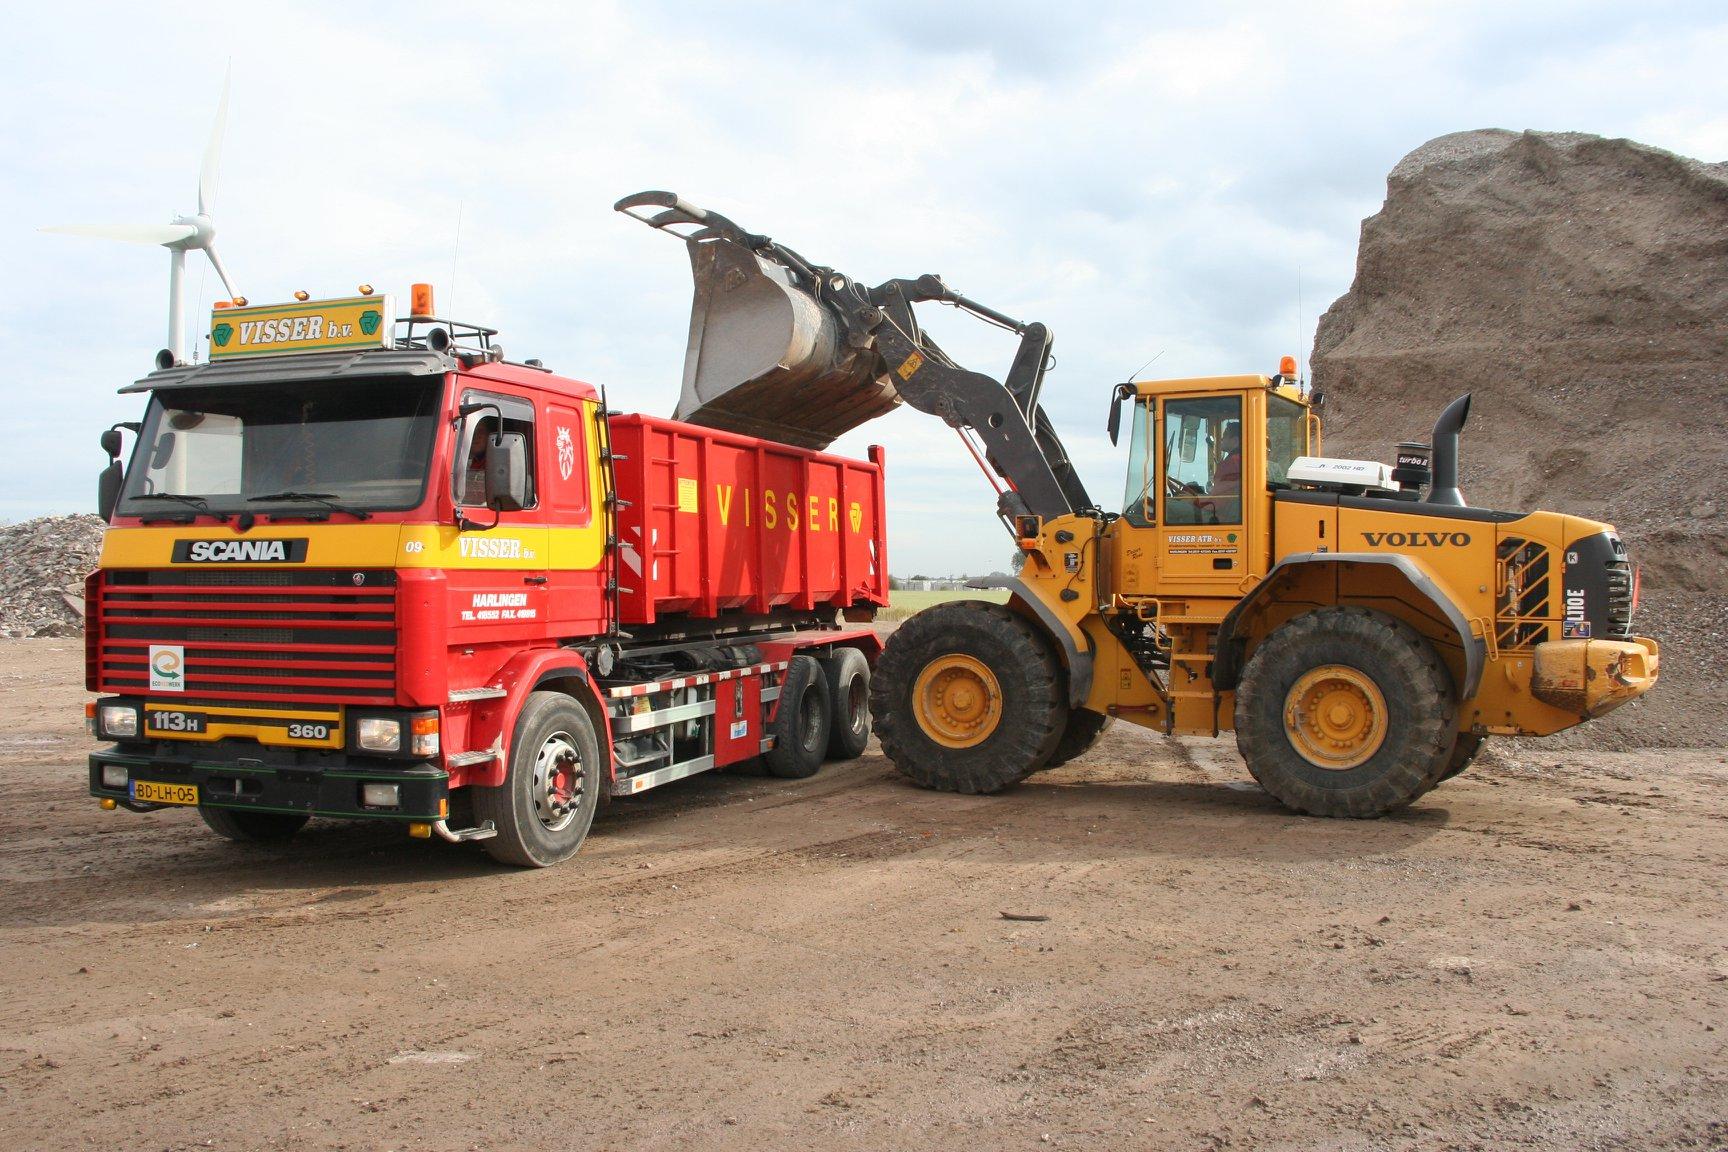 Scania-113H-van-Visser-afvalverwerking--transport-en-Recycling-BV-te-Harlingen-met-NCH-kabelsysteem-is-opgebouwd-door-Rondaan-in-Berlikum-met-een-RAF-container-aanhangwagen-gebouwd-in-1996-1